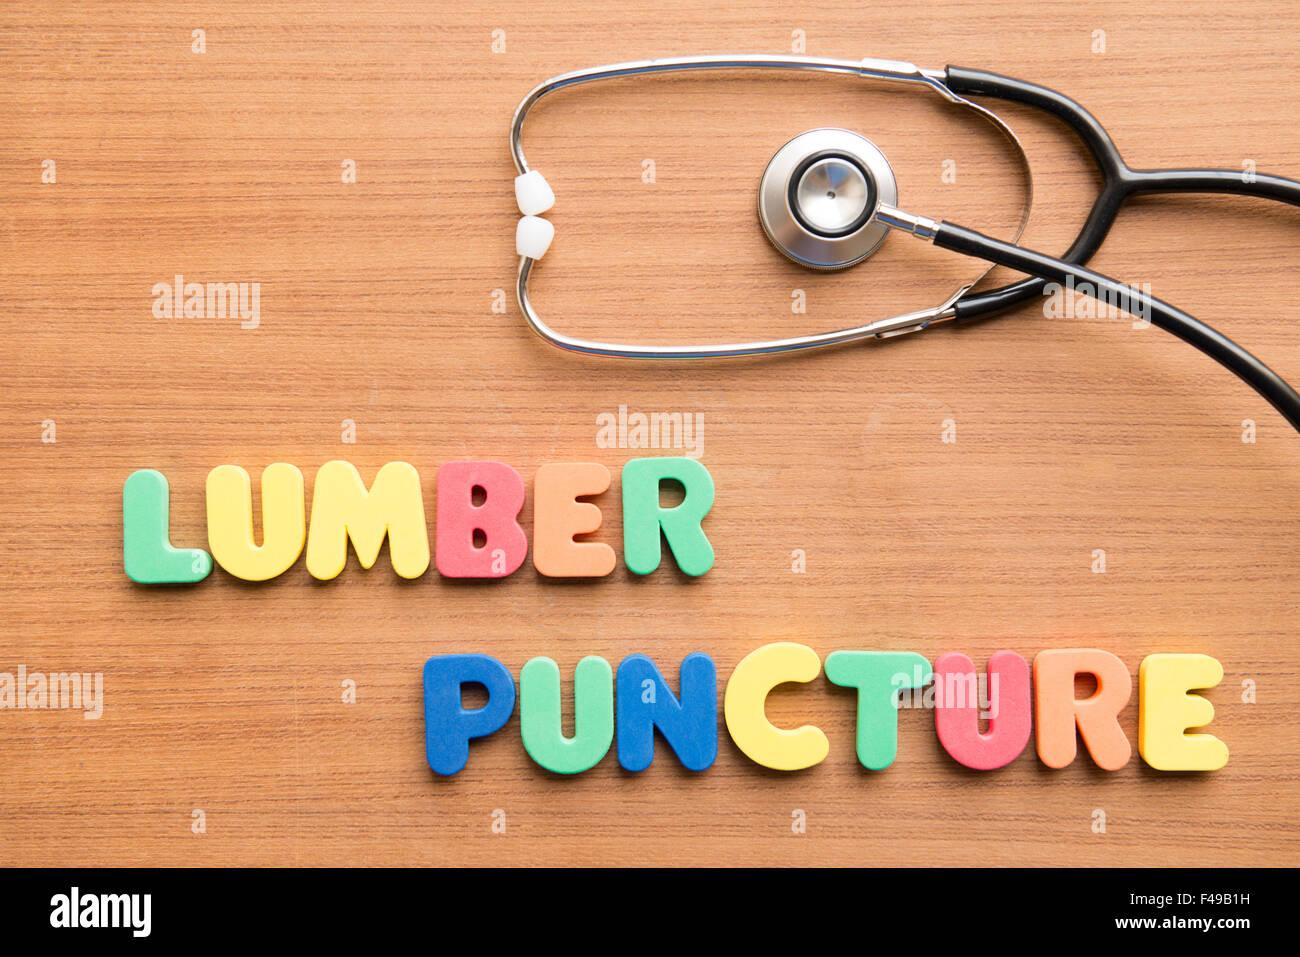 Lumbar puncture (LP) - Stock Image